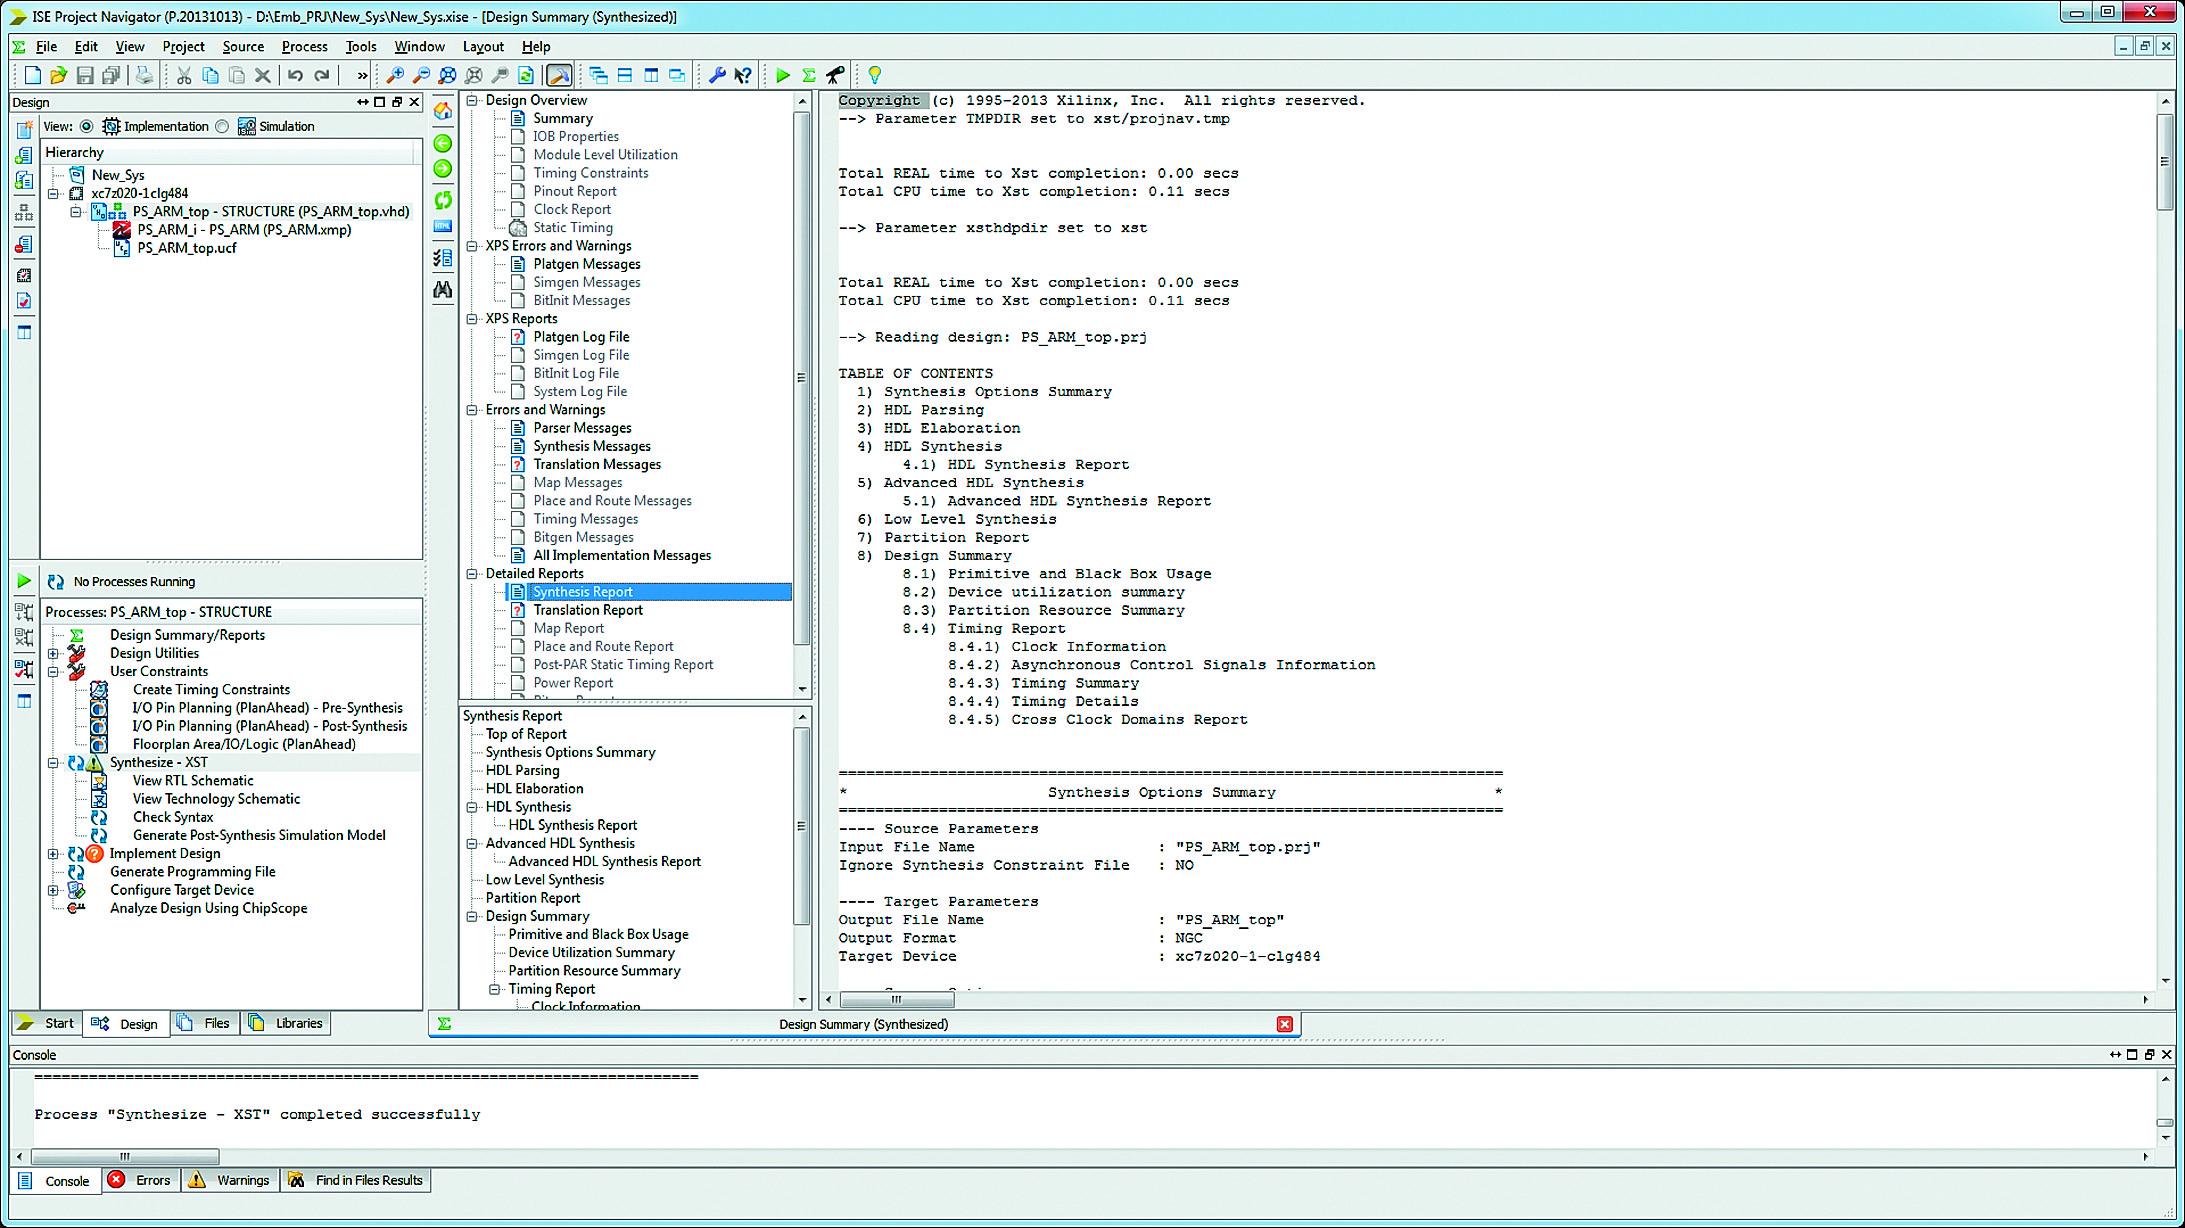 Открытие отчета о результатах процесса синтеза аппаратной части разрабатываемой микропроцессорной системы